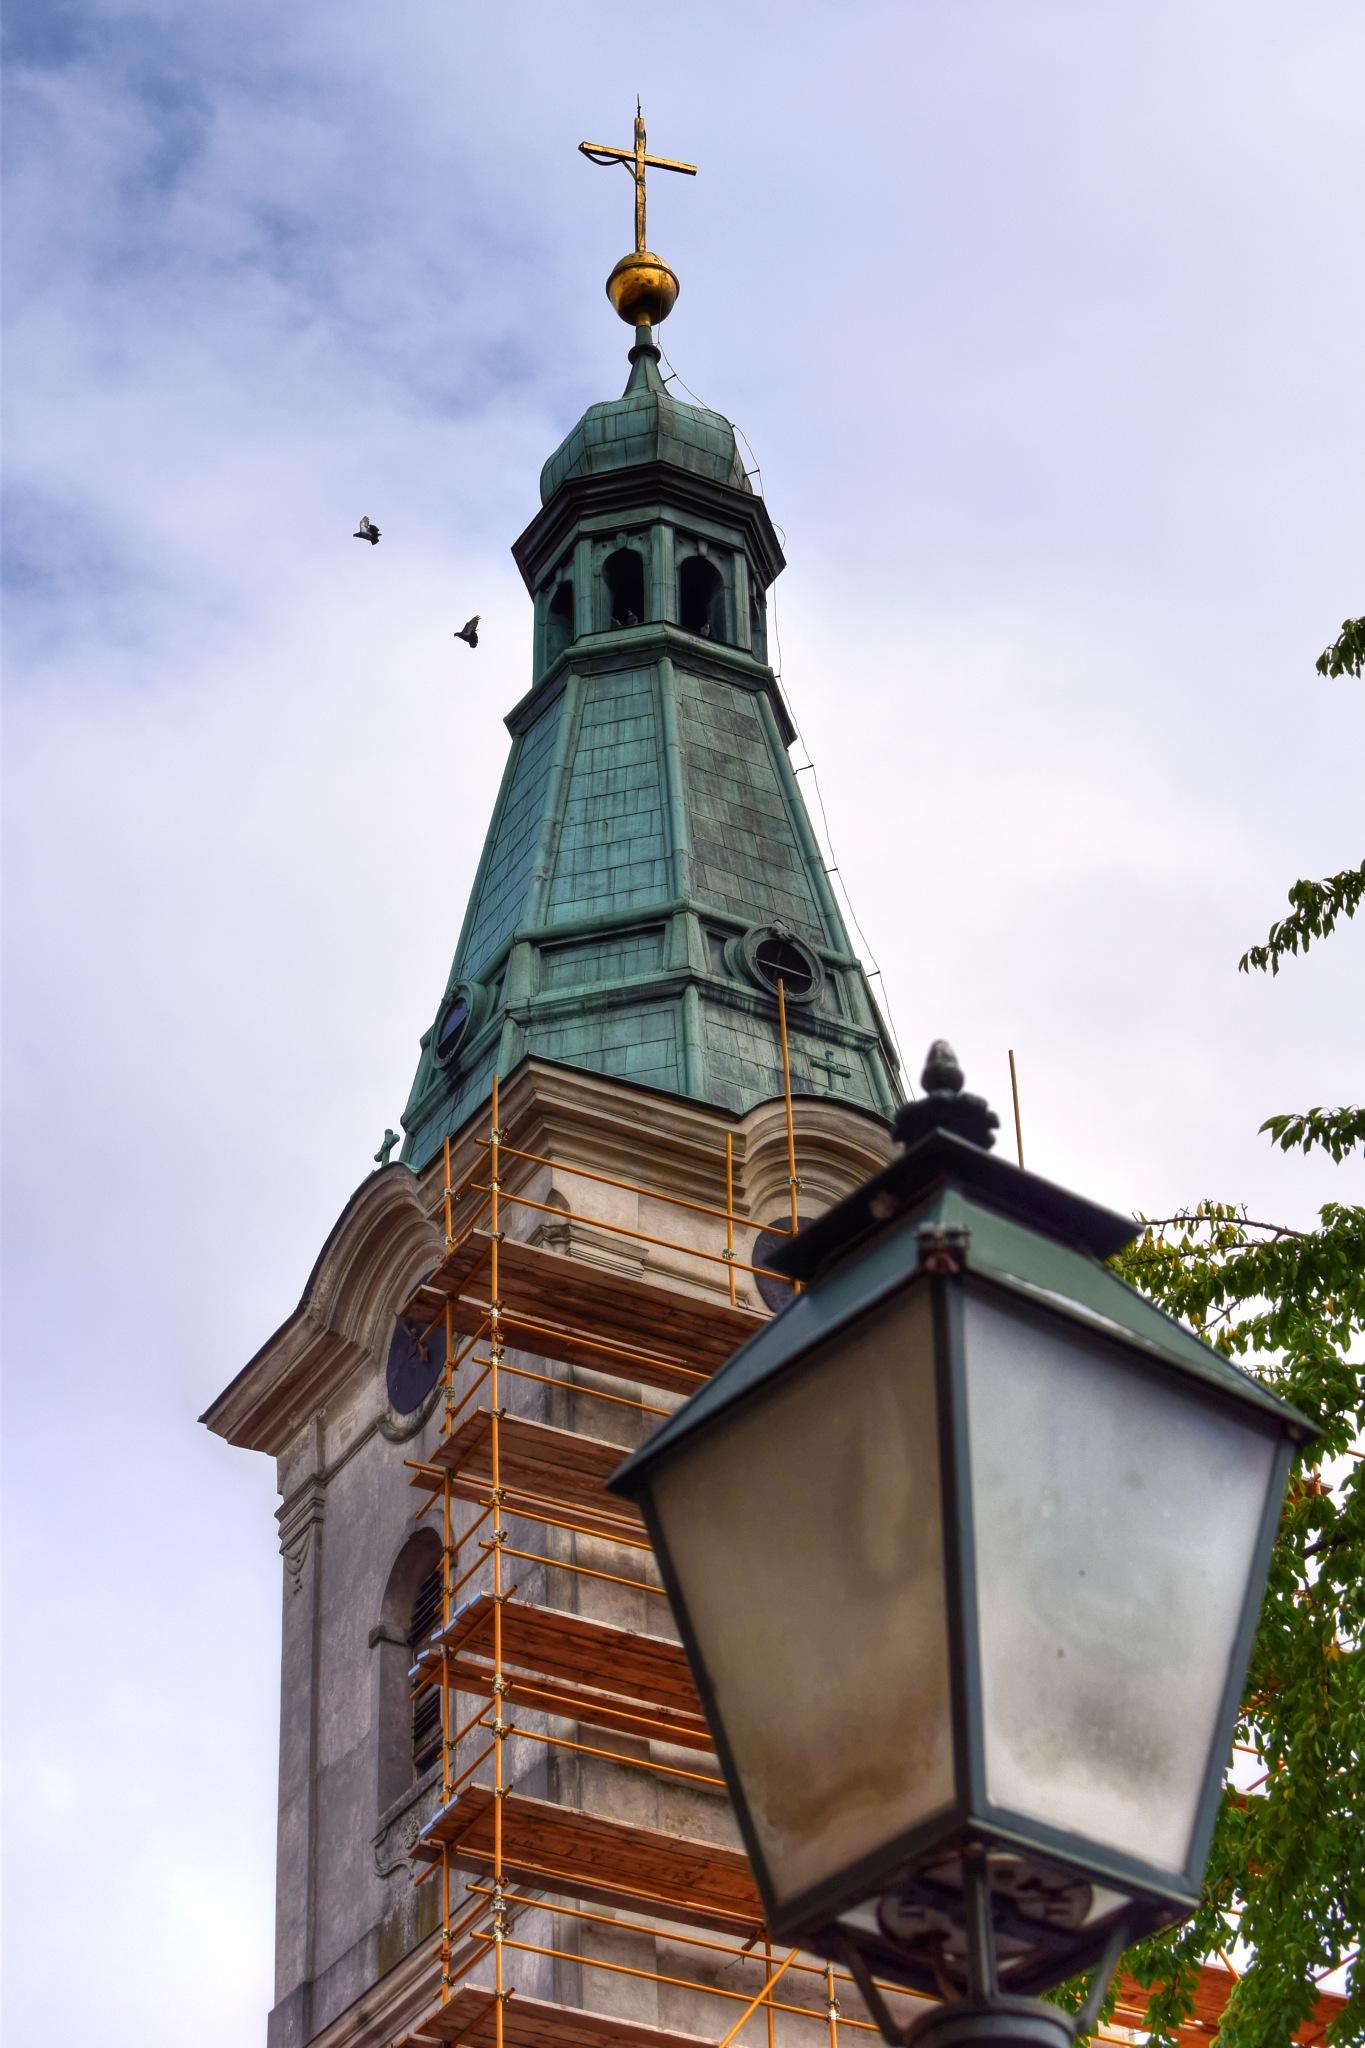 Belfry by Javorka